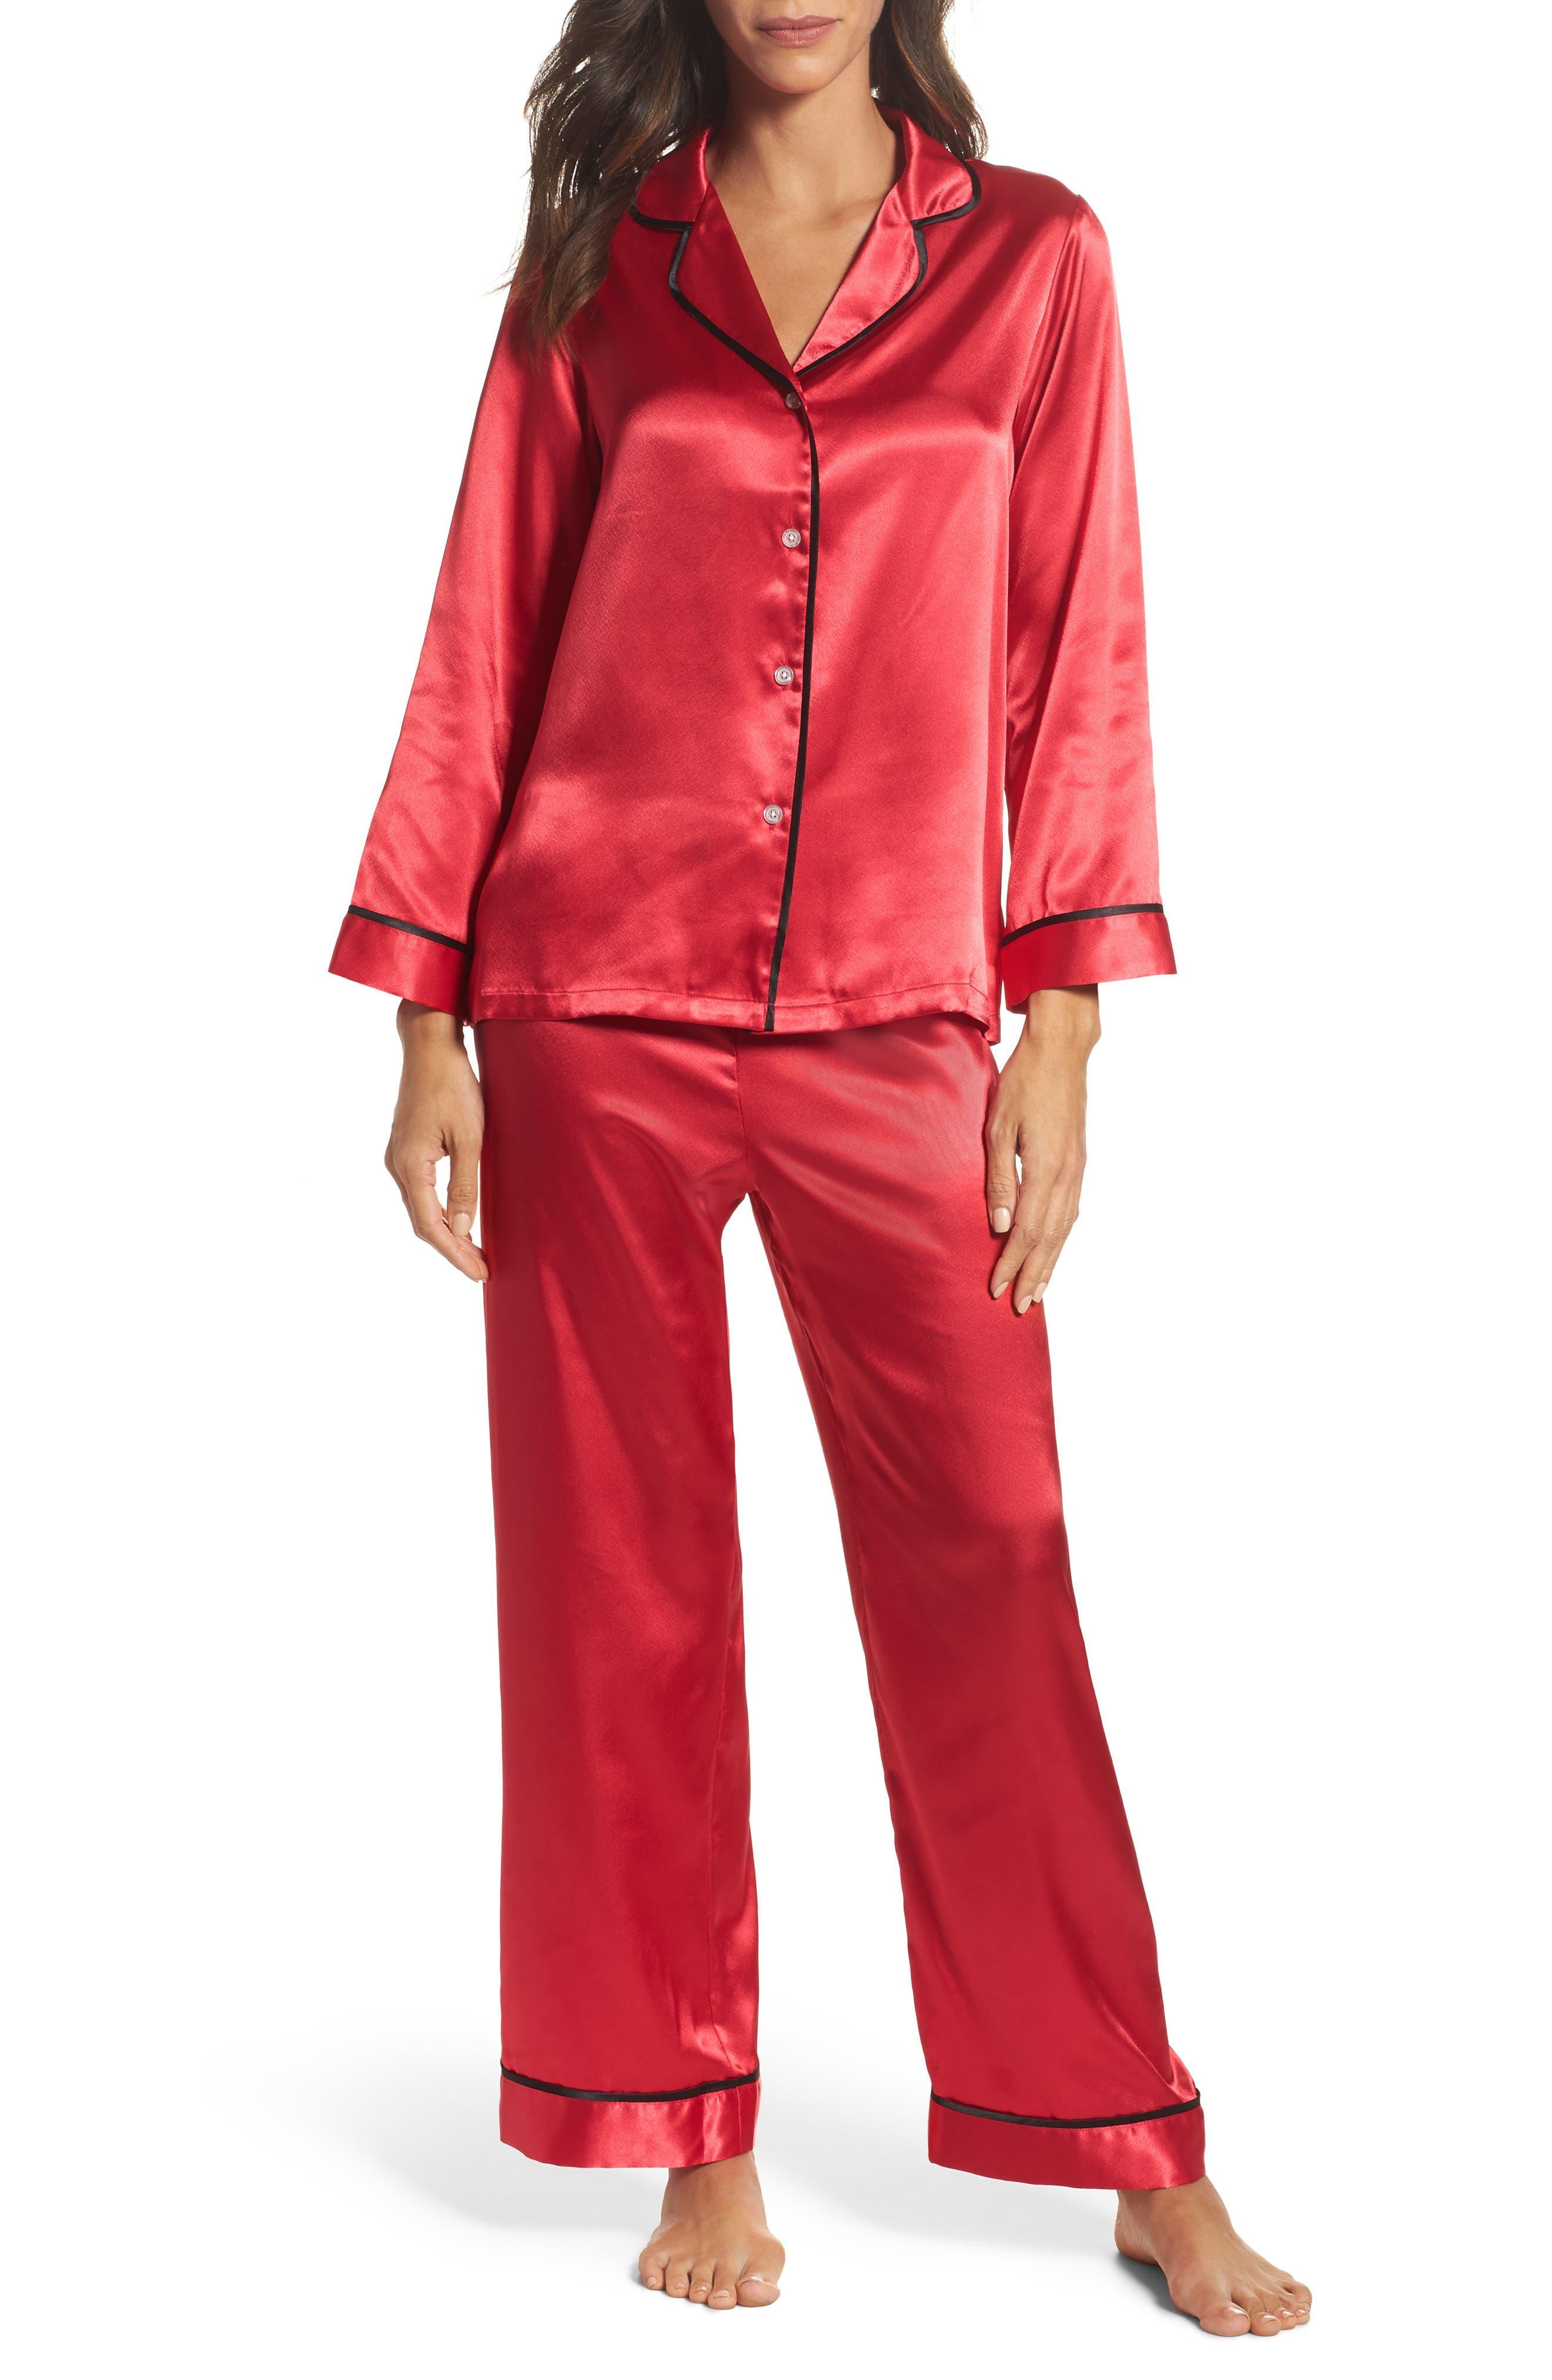 Oscar de la Renta Sleepwear Charmeuse Pajamas